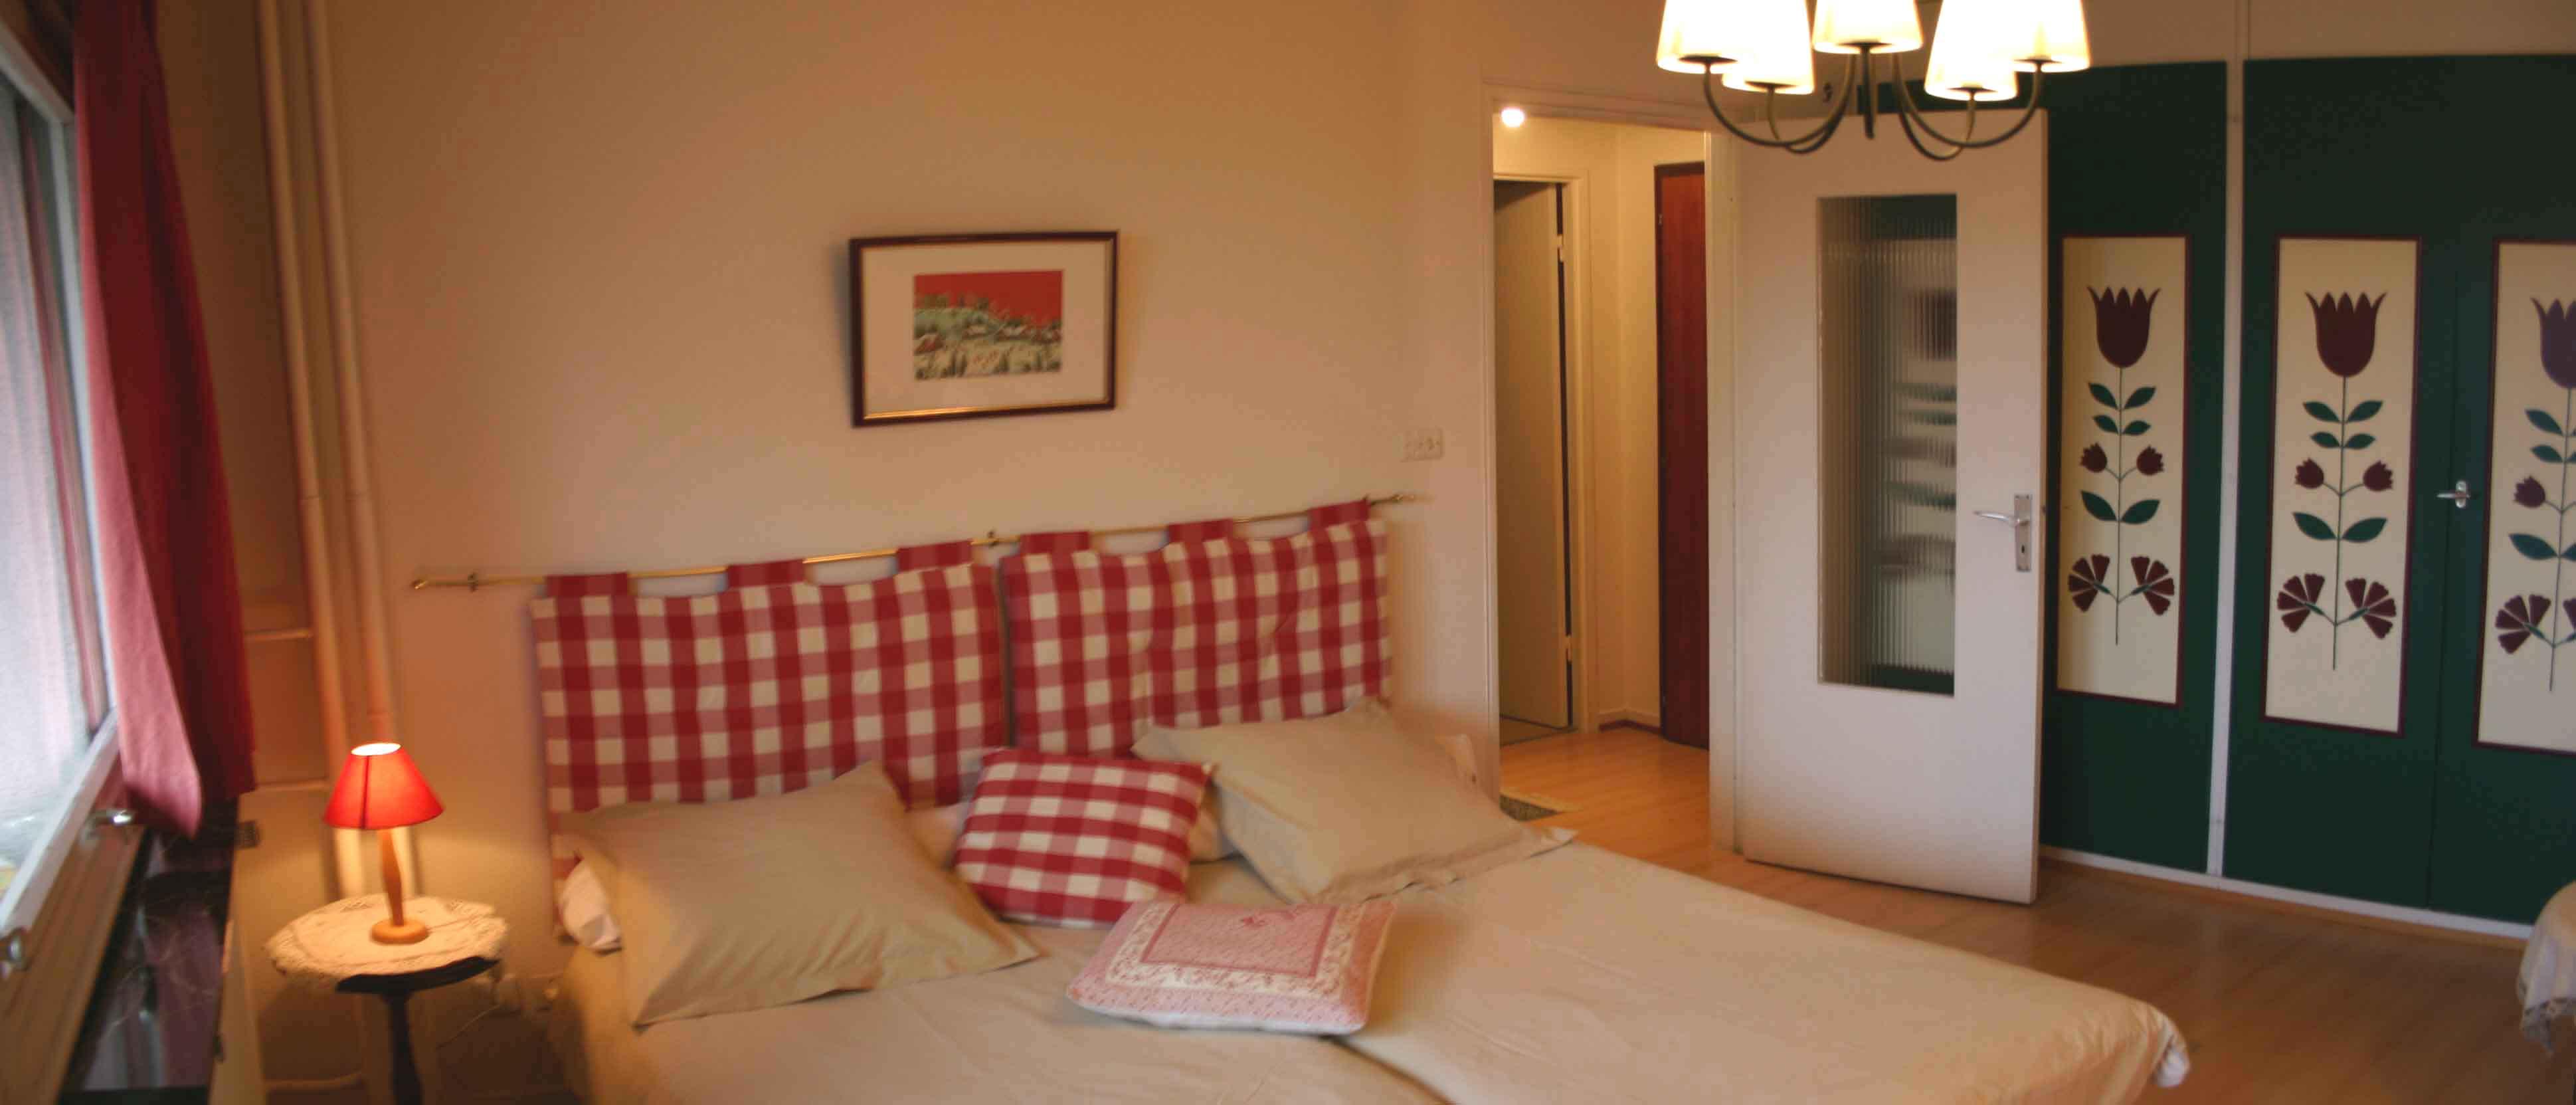 Location d 39 appartement meubl schiltigheim - Location d appartement meuble ...